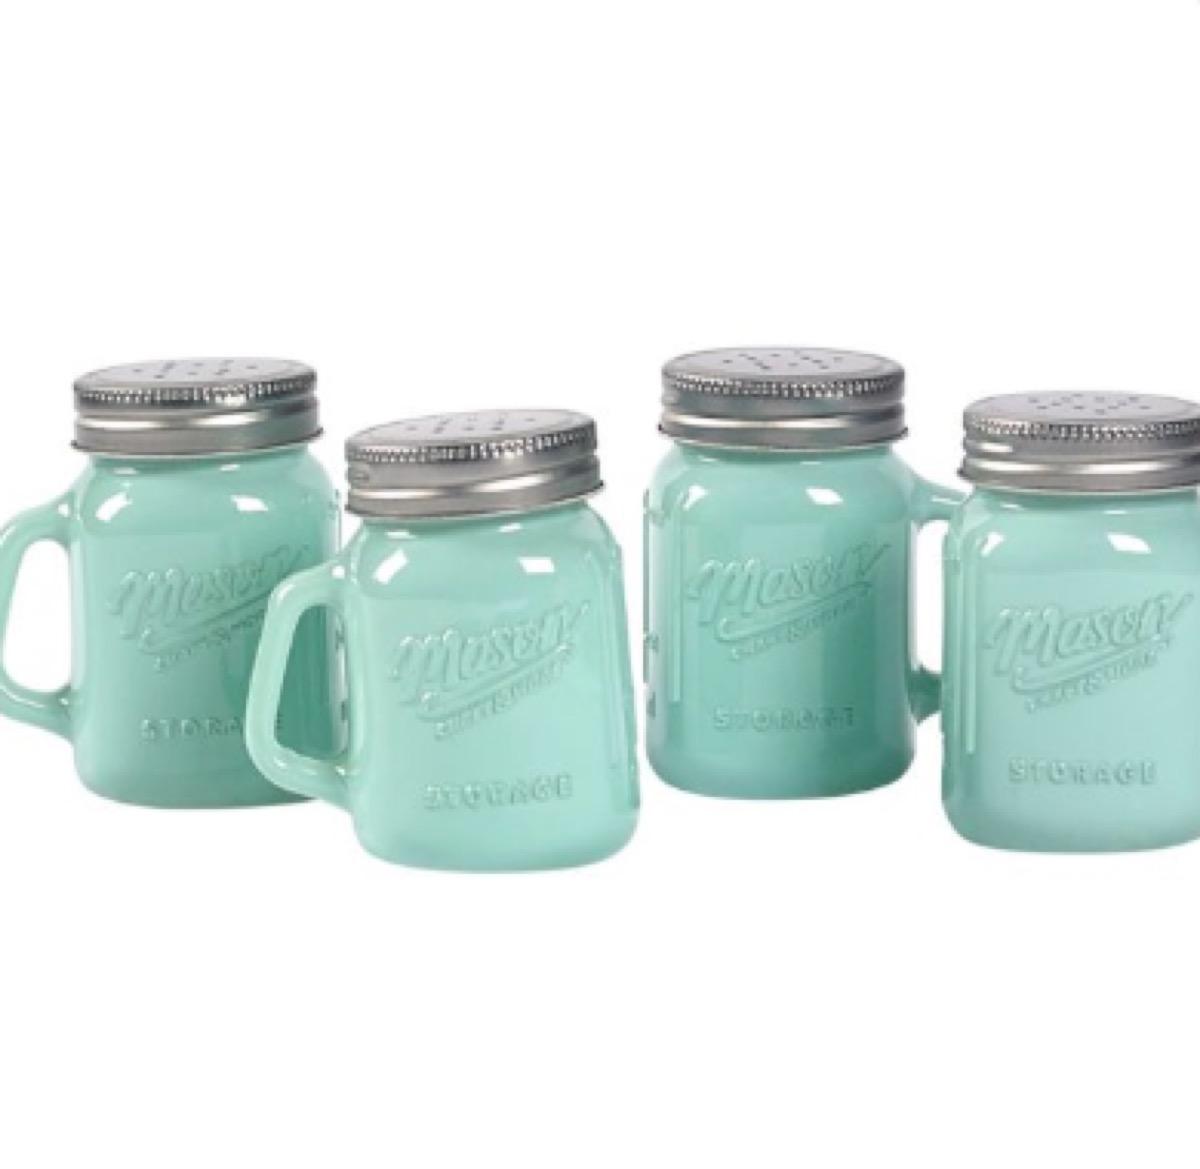 mason jar shakers, amazing summer buys